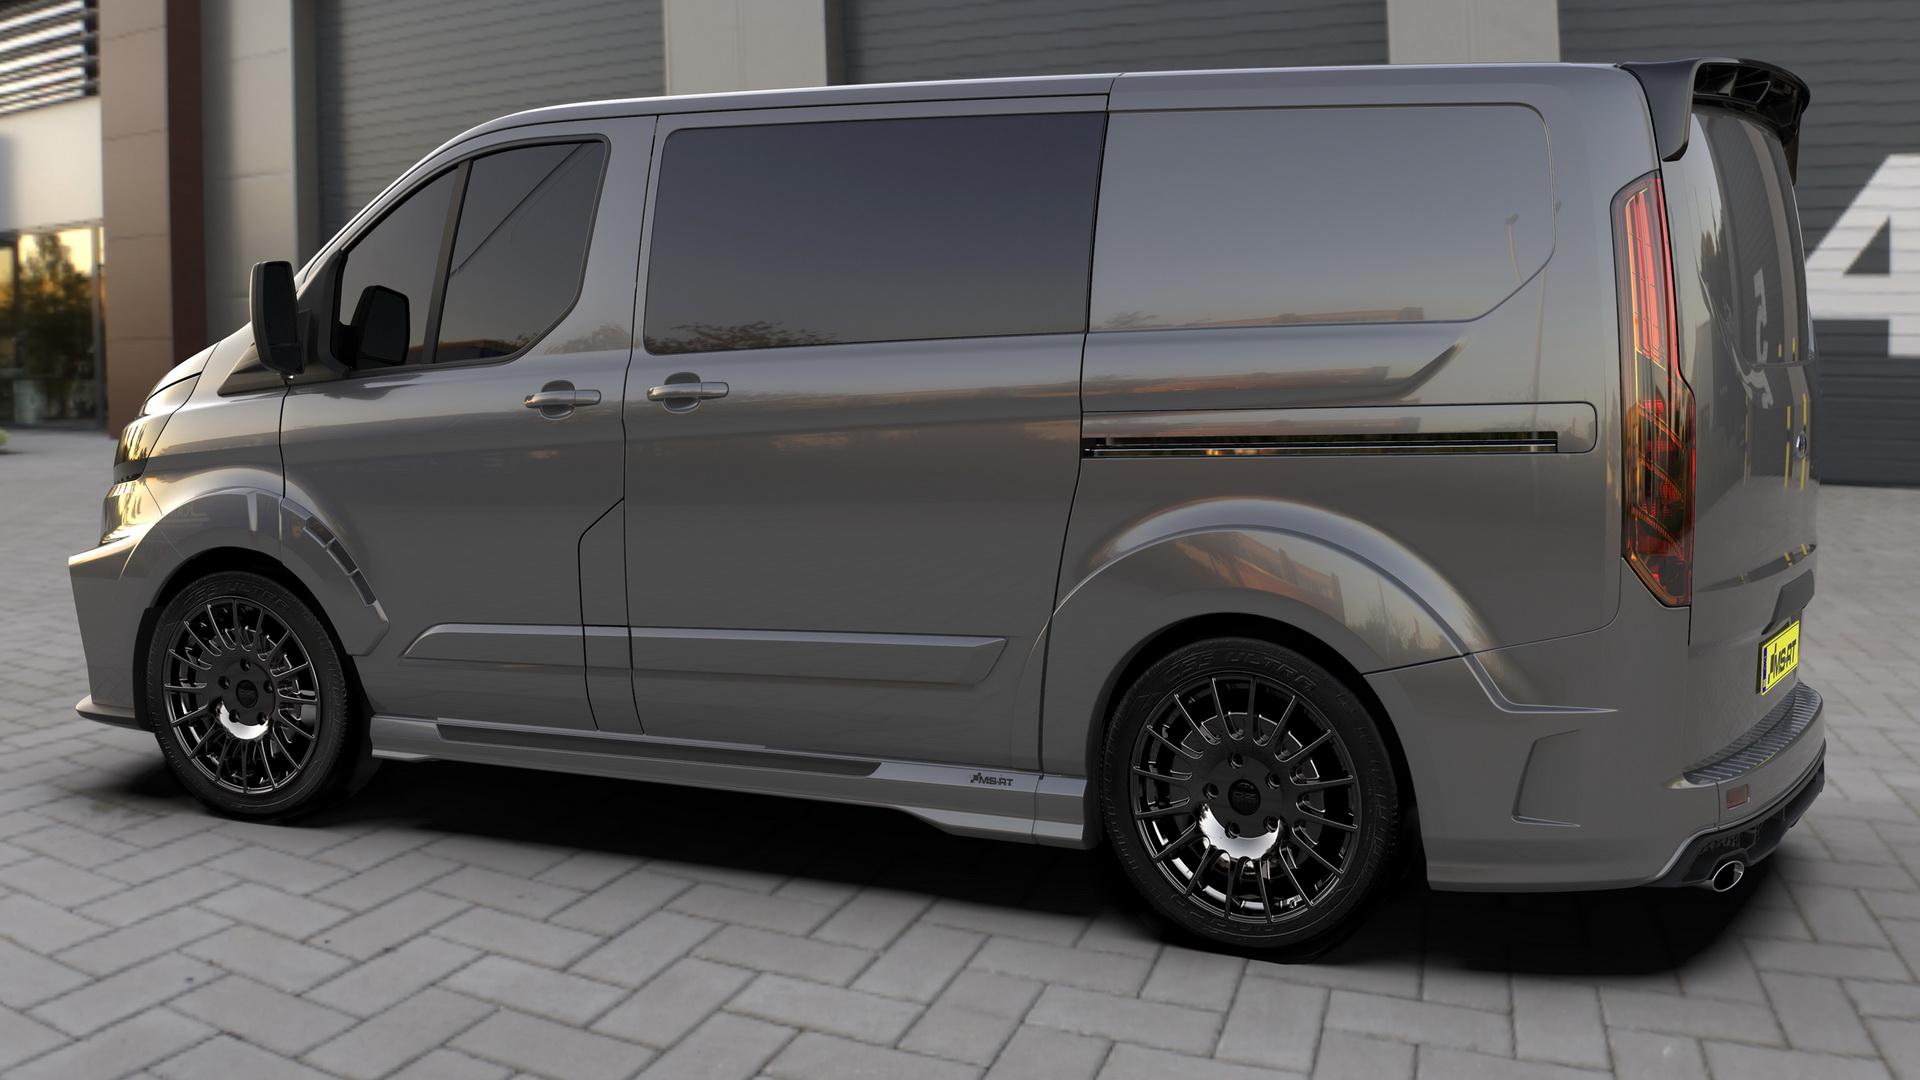 MS-RT Ford Transit es la furgoneta pensada para aquellos que quieren una estética mucho más deportiva